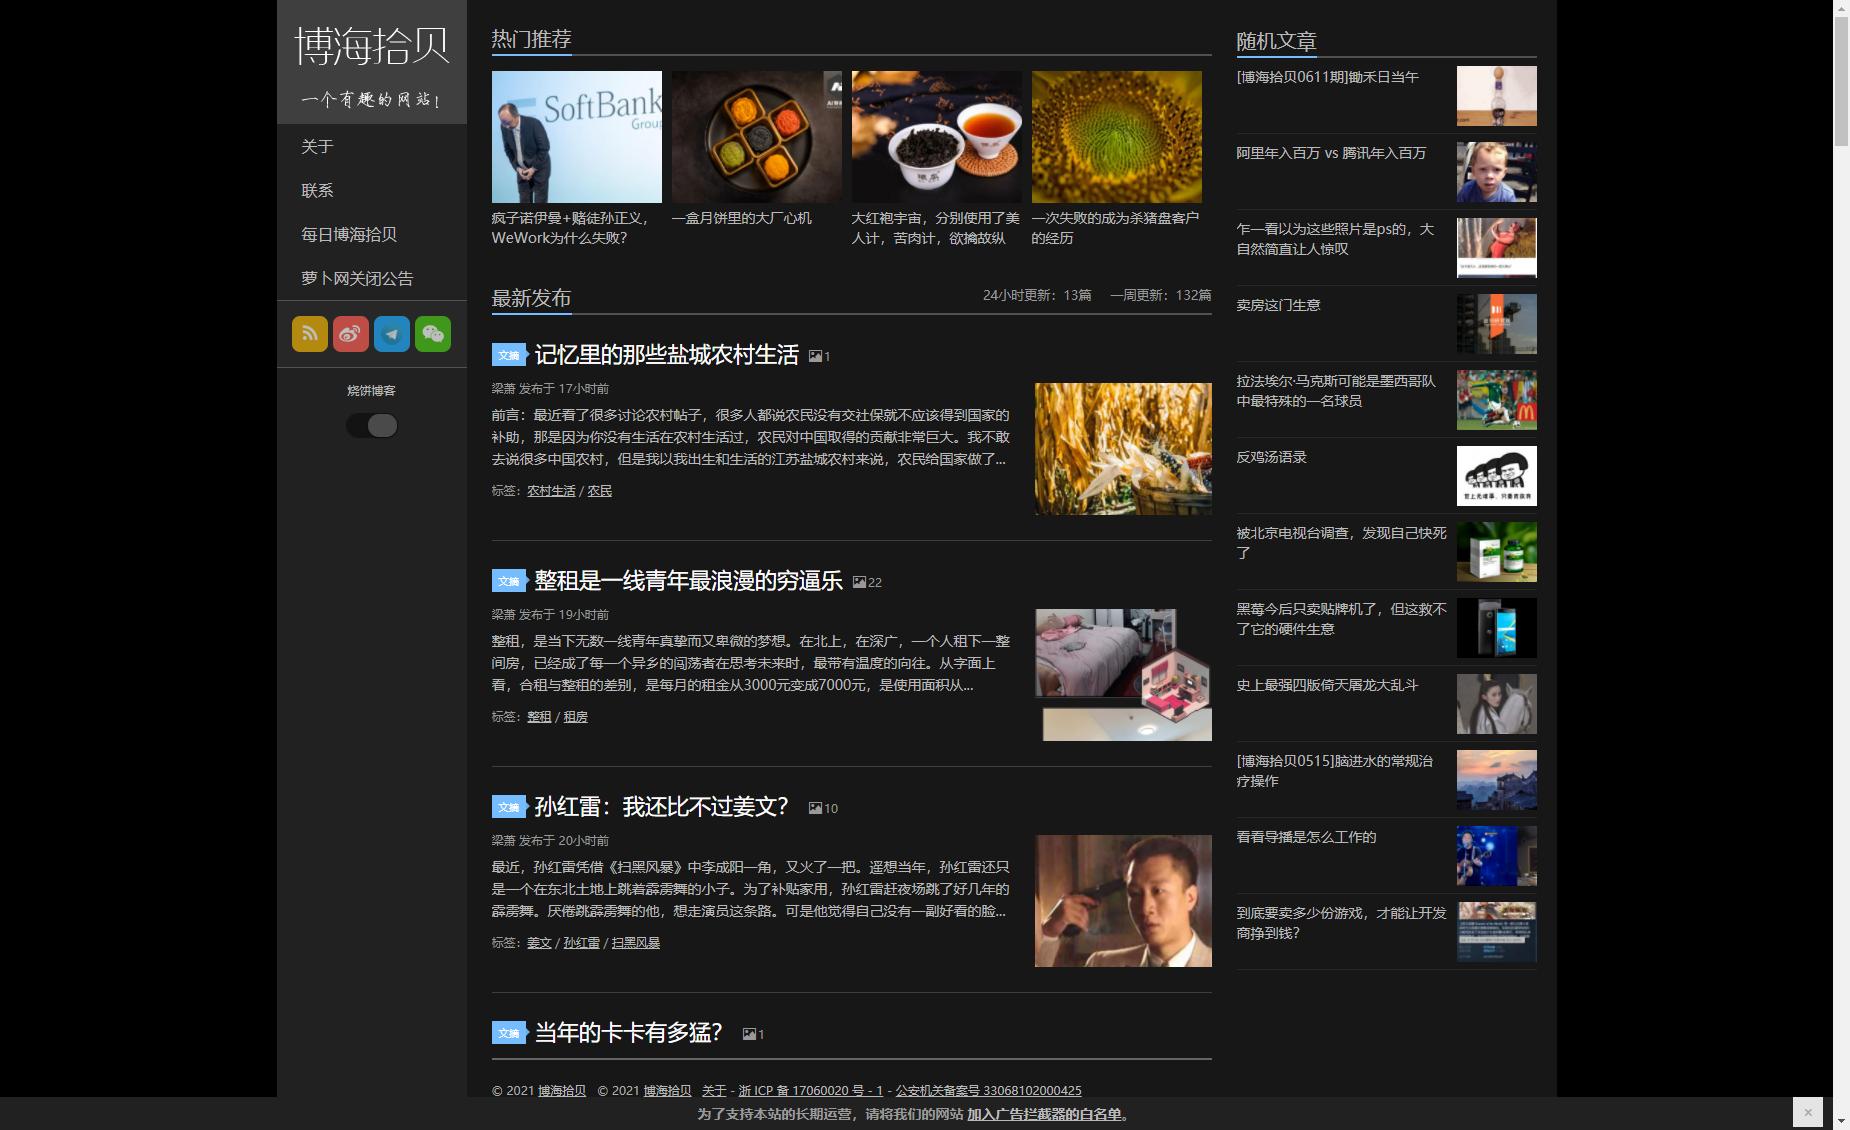 博海拾贝更换域名为 bohaishibei.com